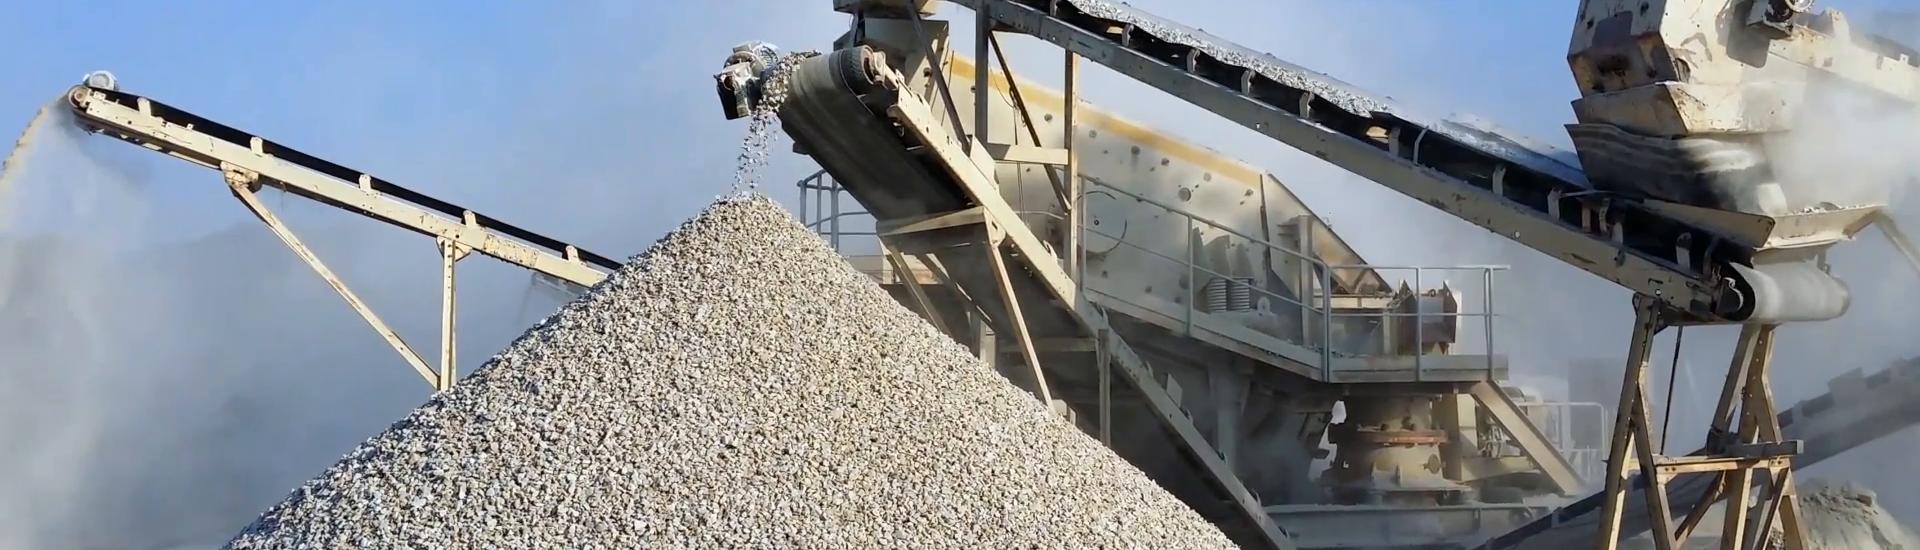 Заказать бетон в калуге цена купить готовый бетон дешево